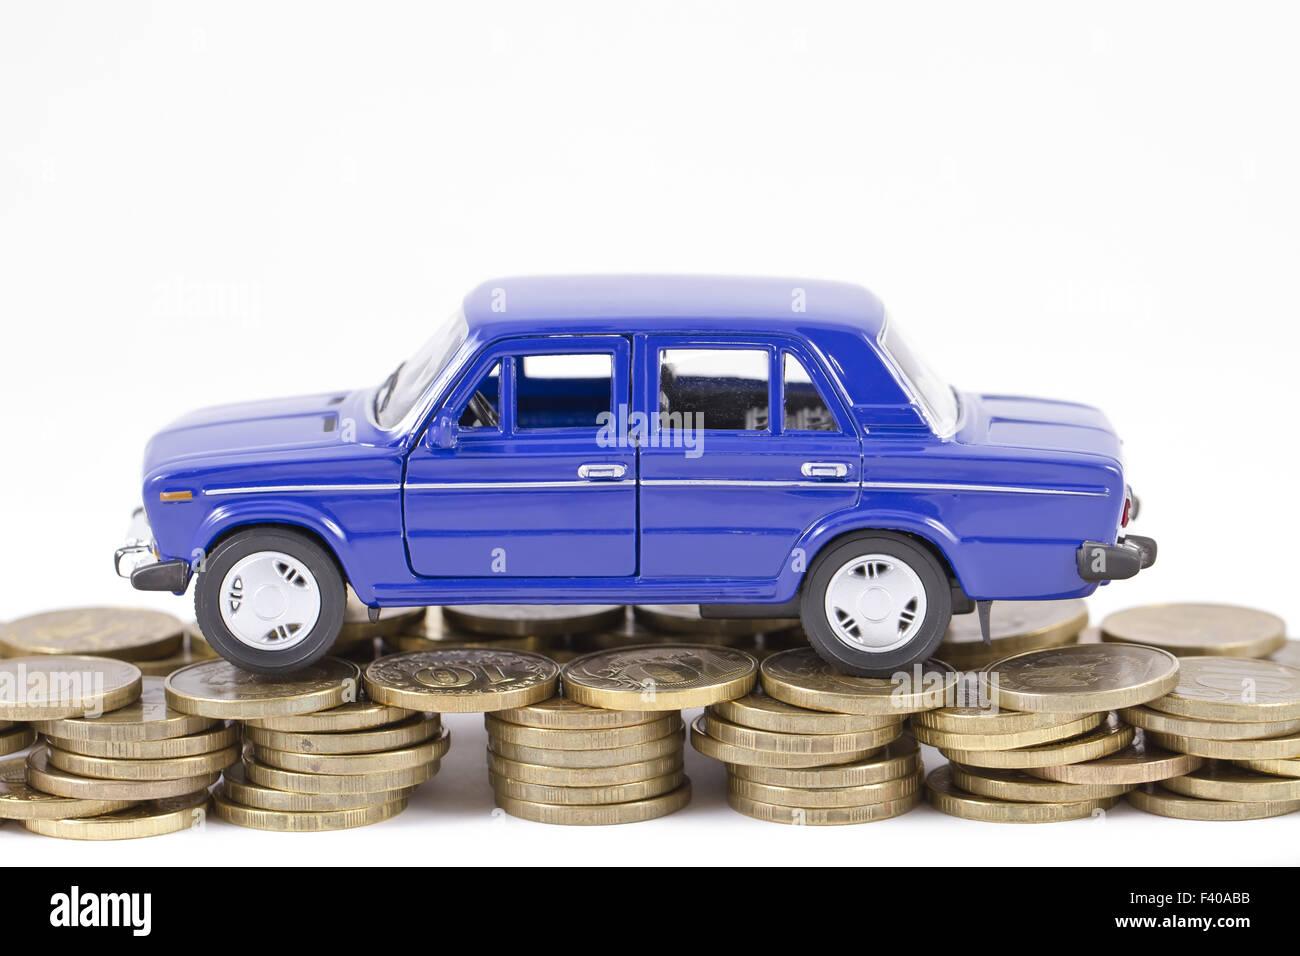 Concepto: La reparación de automóviles Imagen De Stock